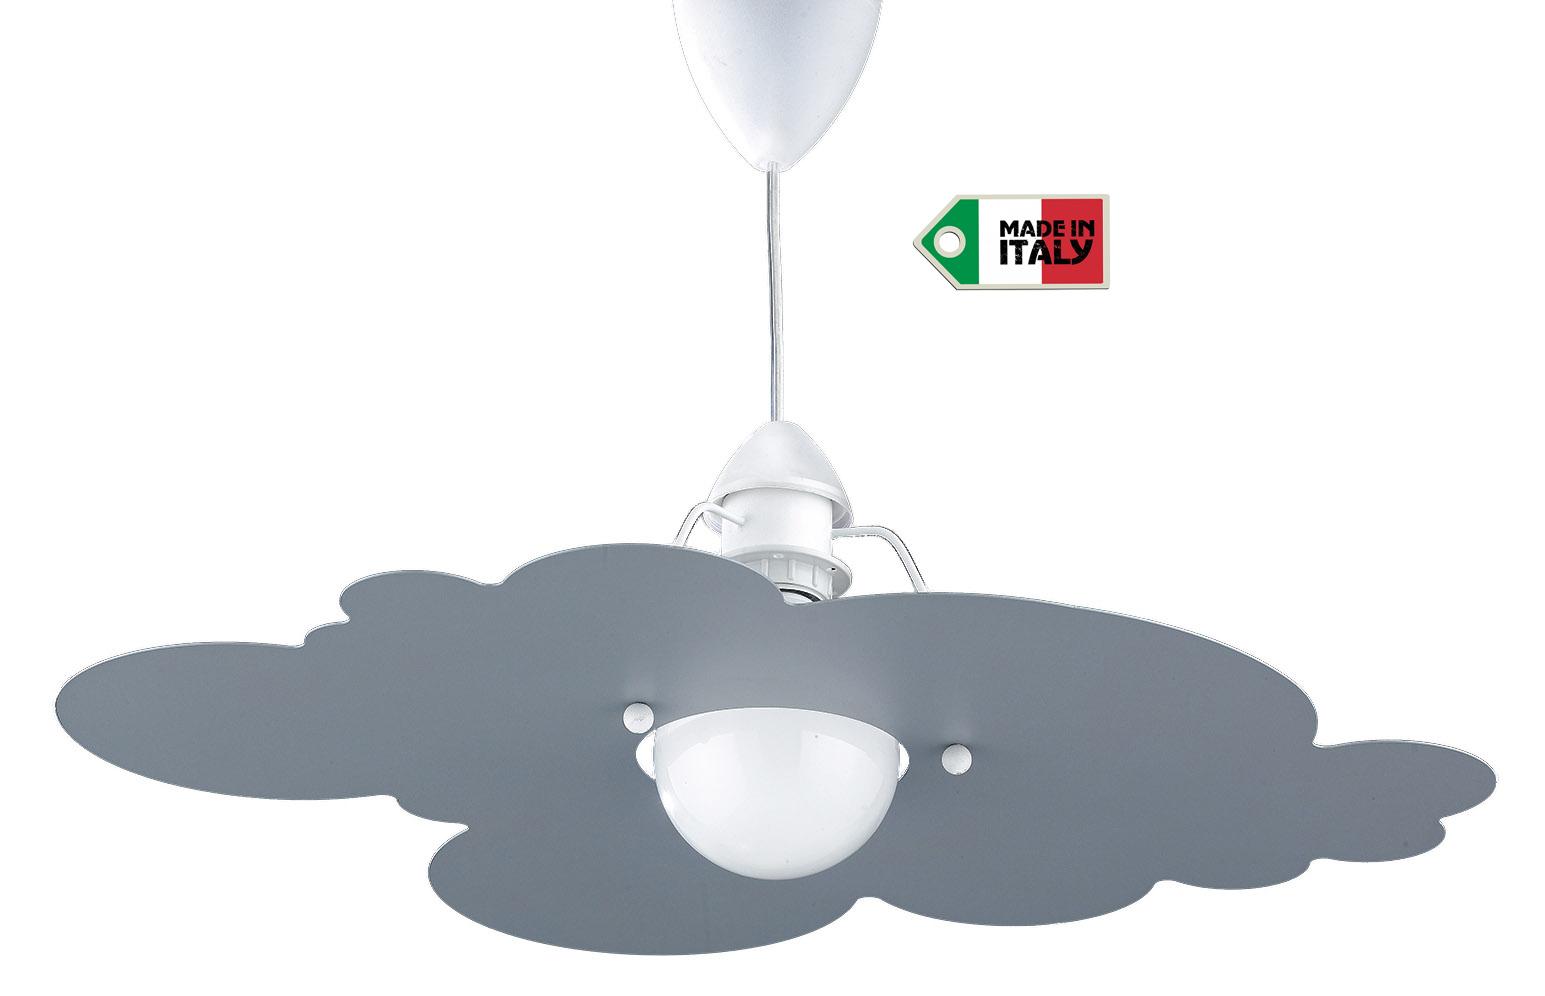 Lampadario modello nuvola a basso consumo per camerette bambini